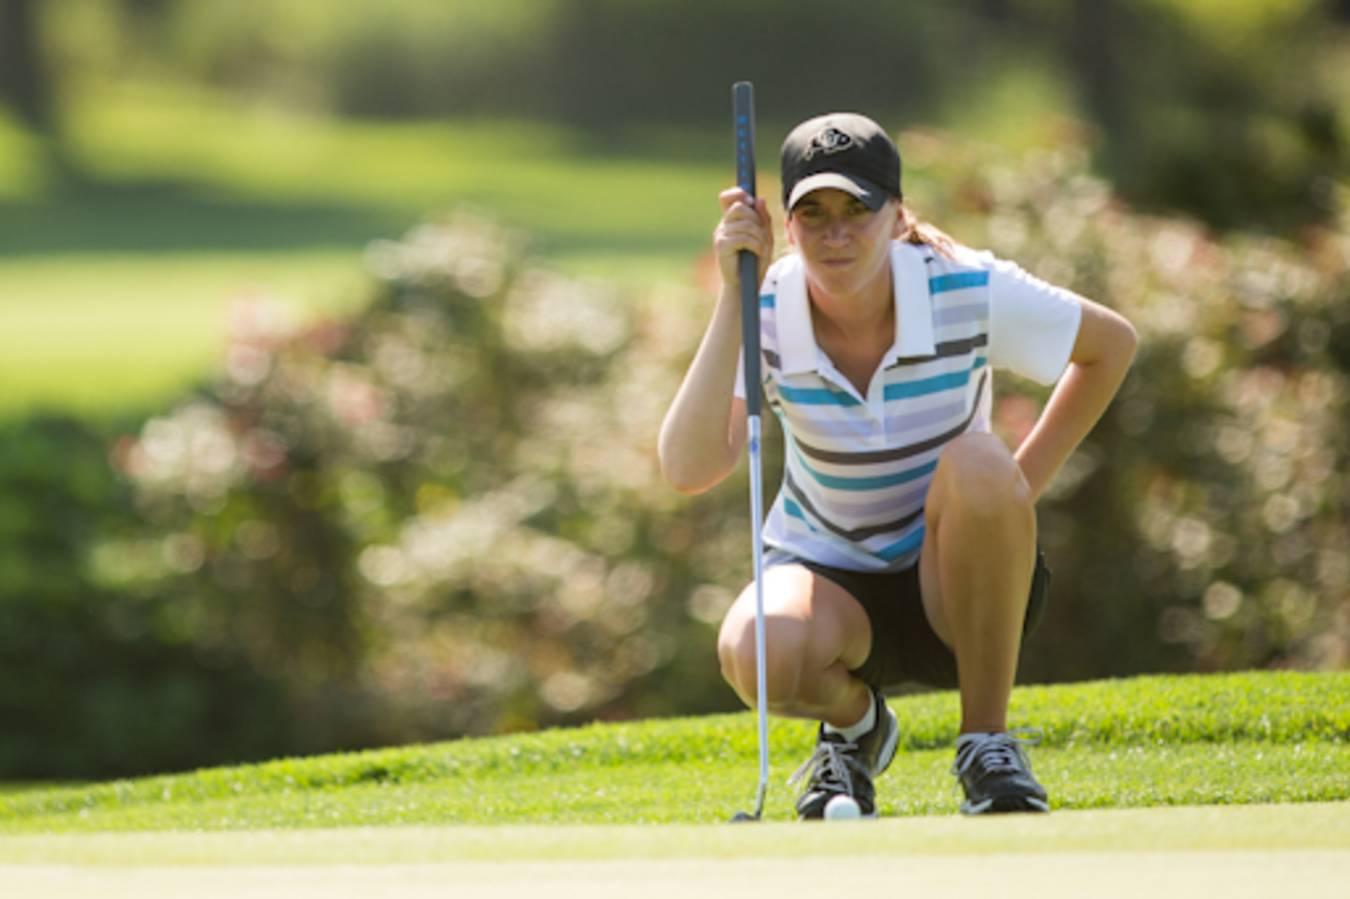 """Résultat de recherche d'images pour """"jeny coleman golf photos"""""""